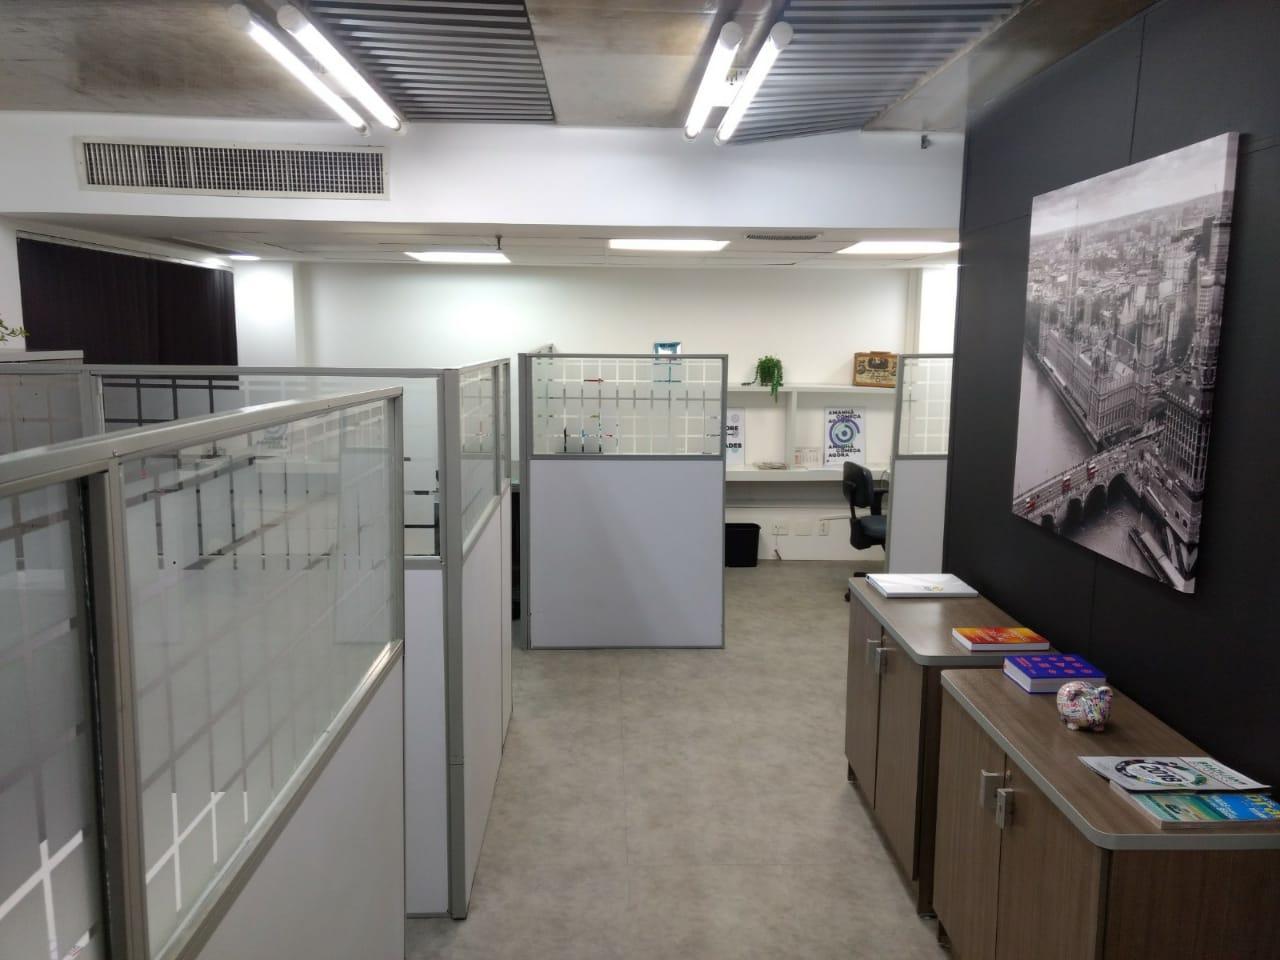 Detalhe do escritório do Rio de Janeiro, que acaba de ser aberto, na Rua do Ouvidor, no Cento da capital fluminense